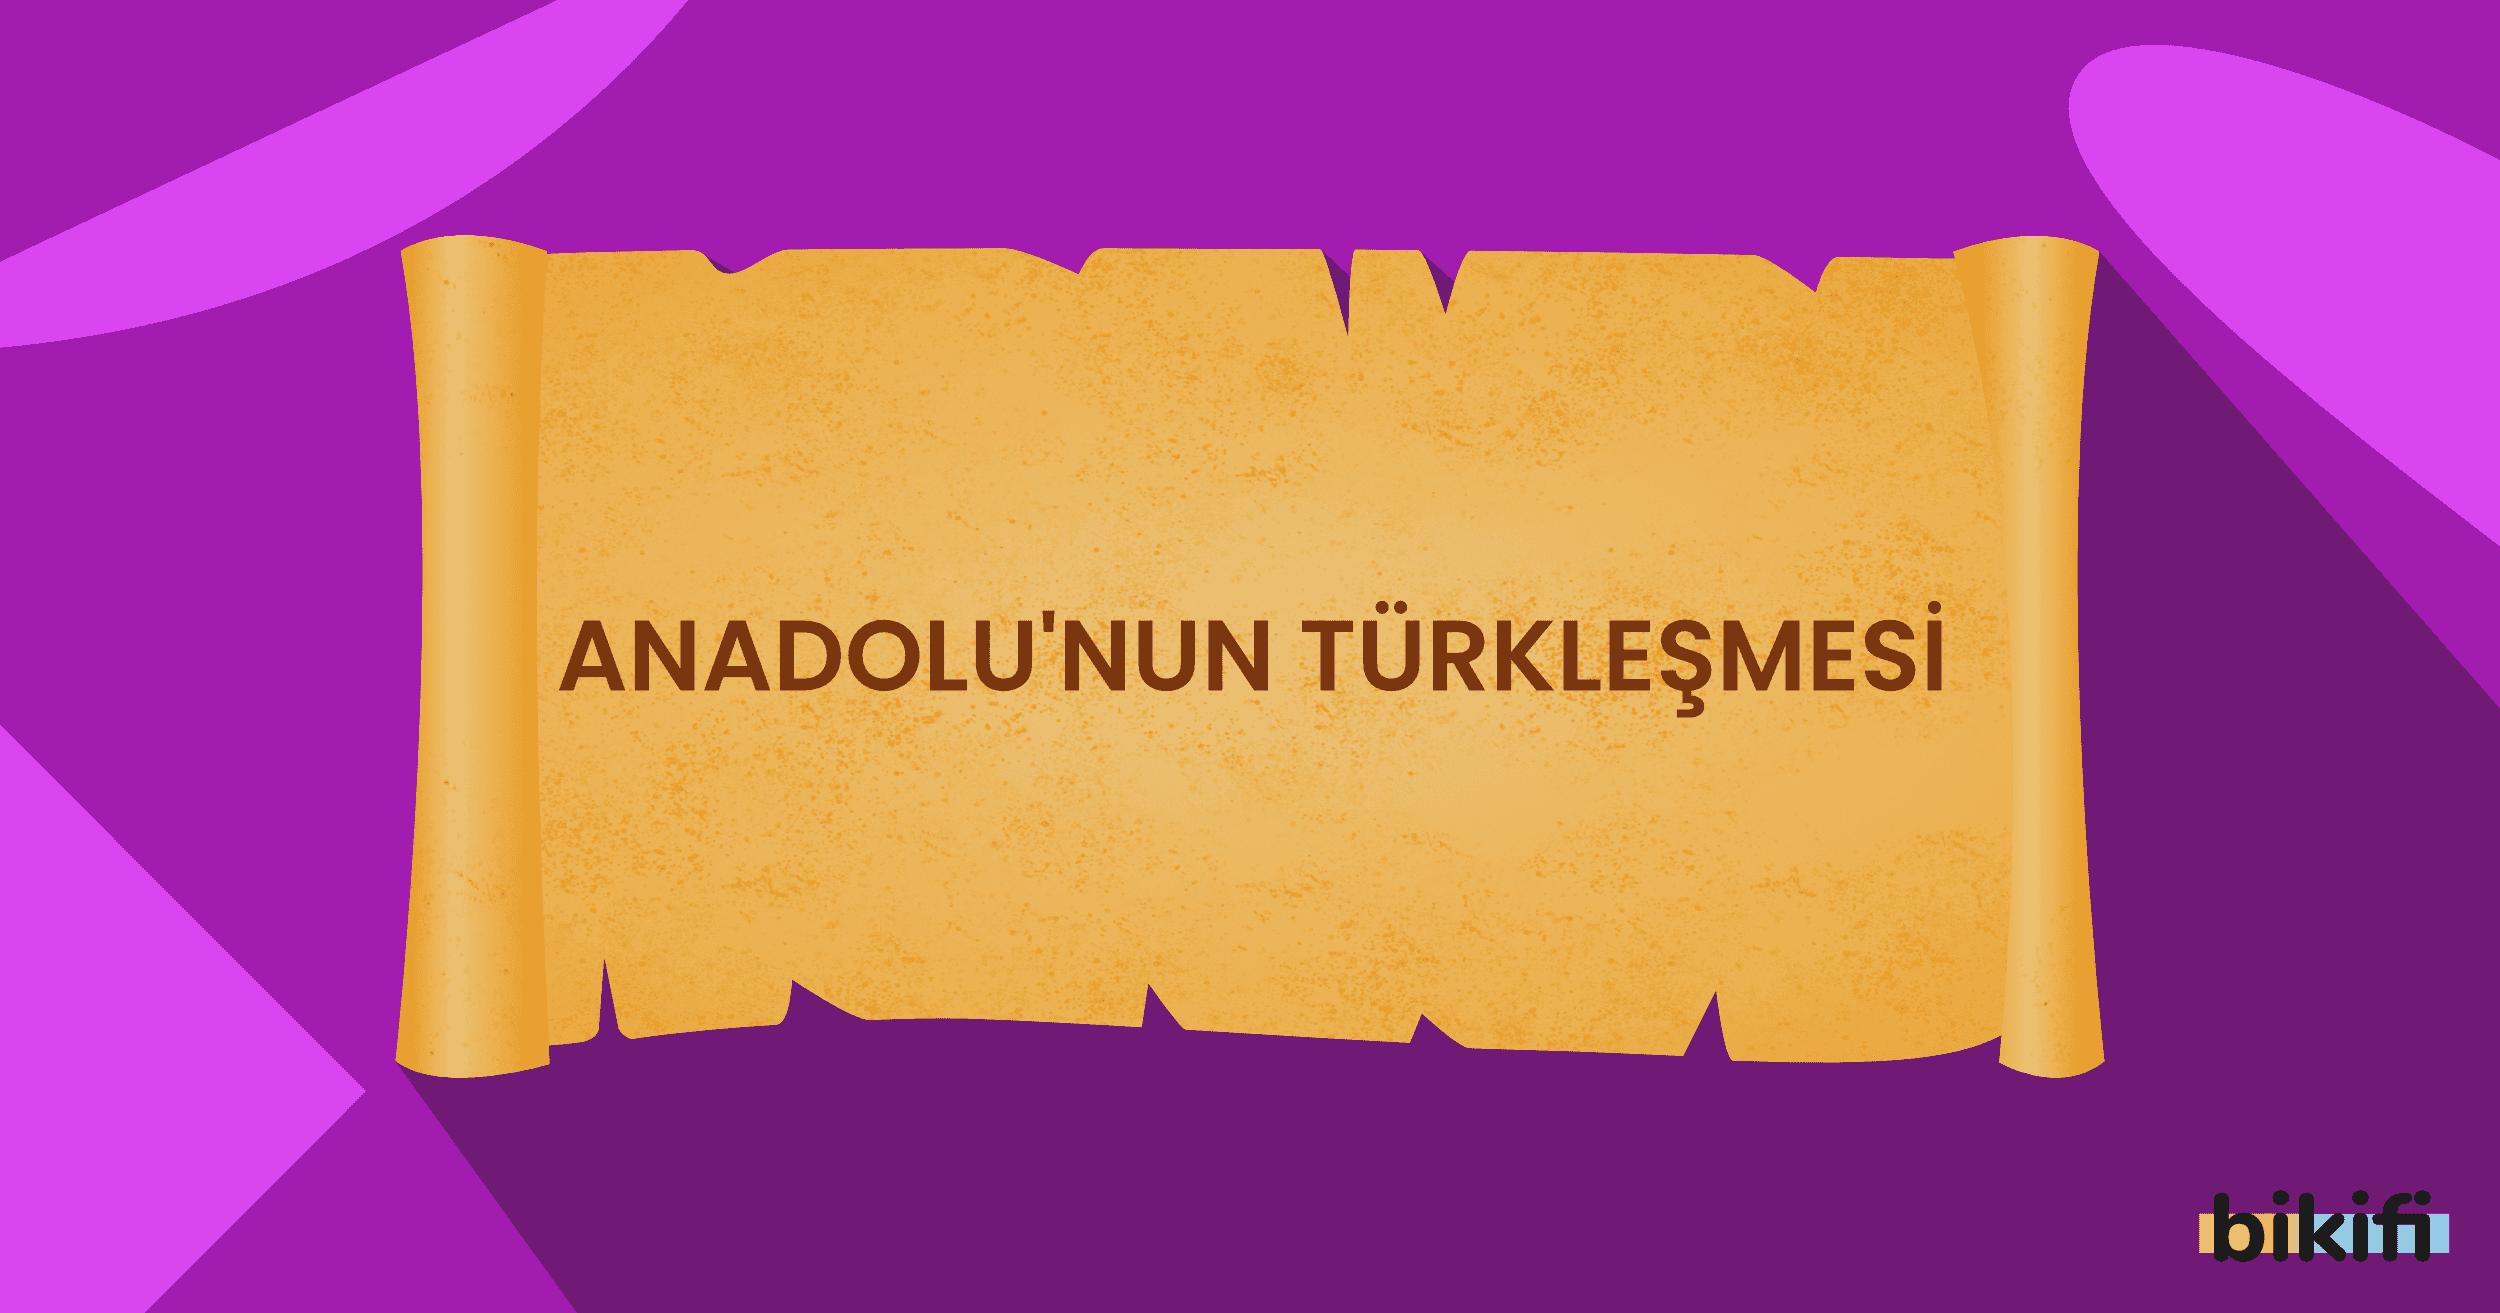 Anadolu'nun Türkleşmesi